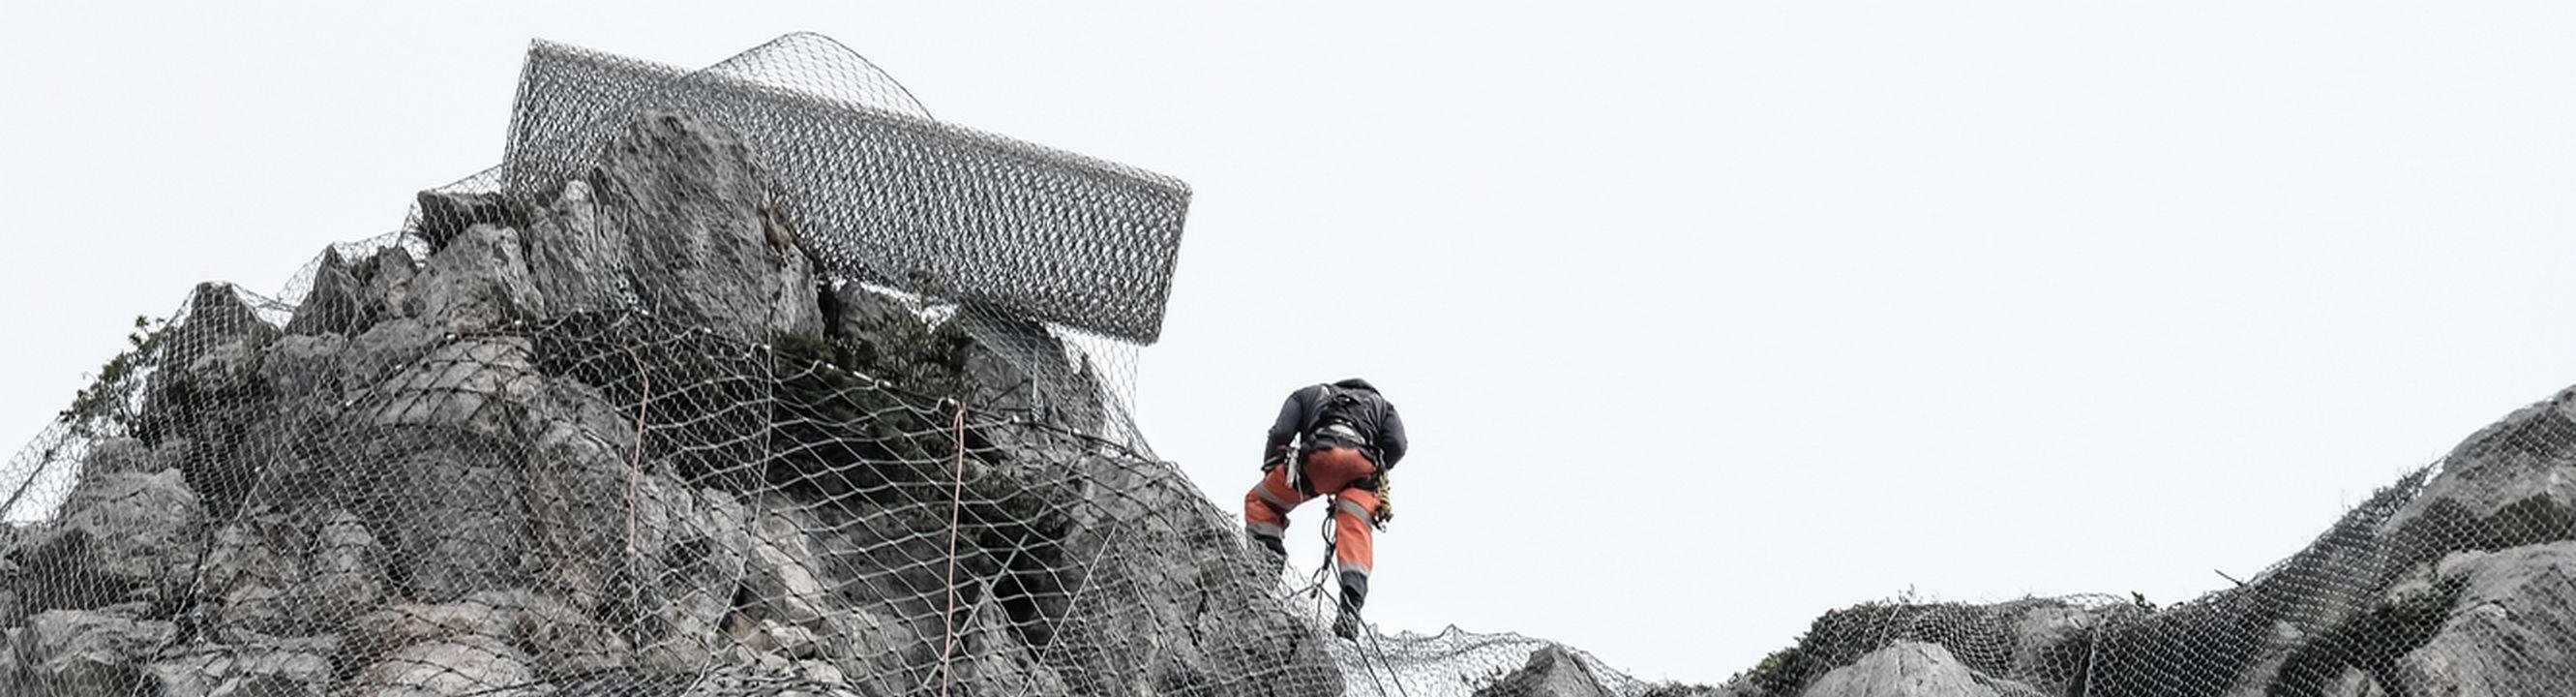 Un cordiste réalise la sécurisation d'une falaise